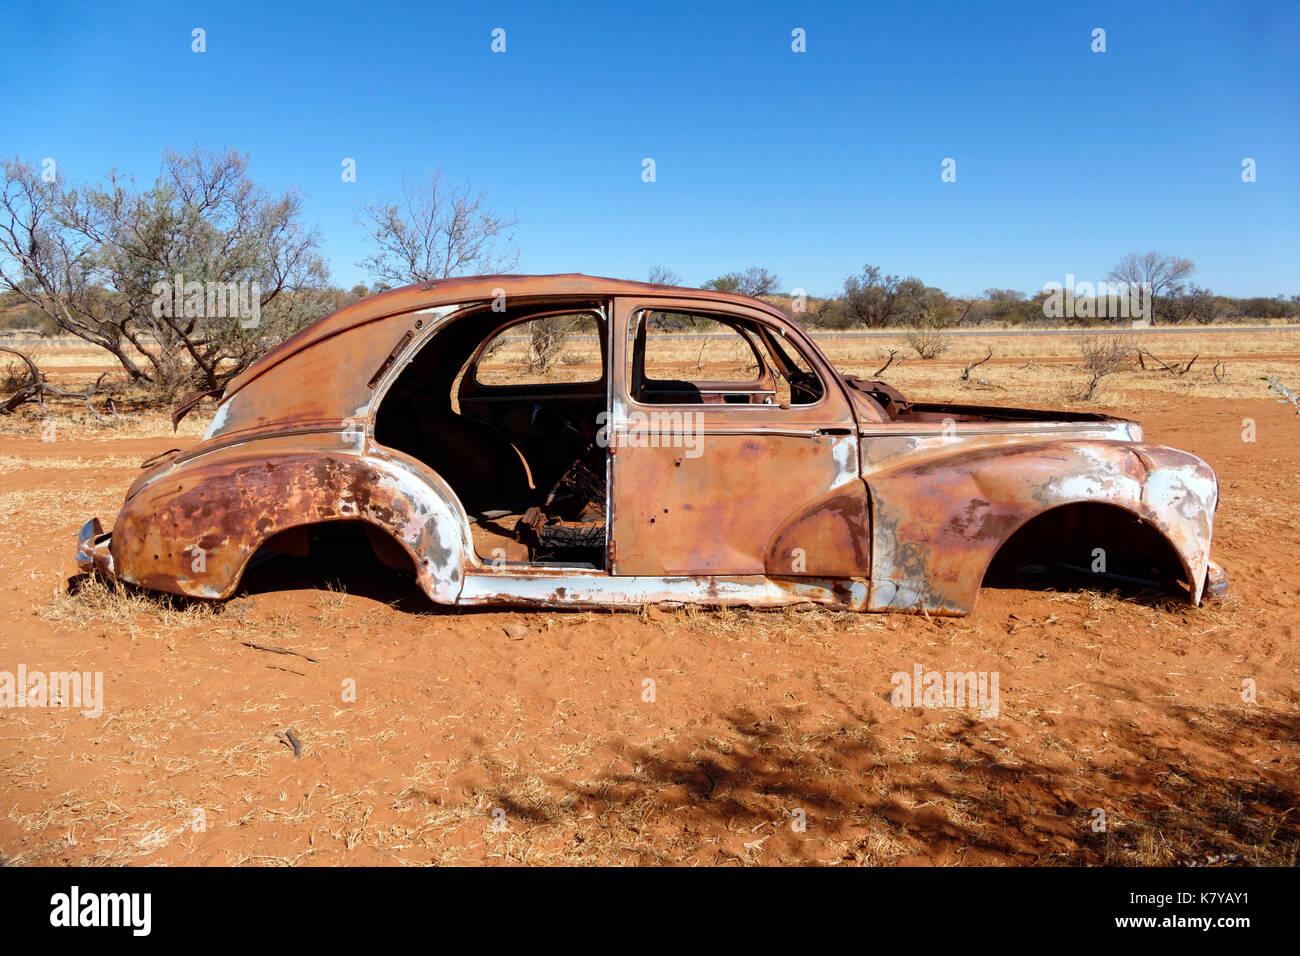 Abandoned Car Australia Stock Photos & Abandoned Car Australia Stock ...